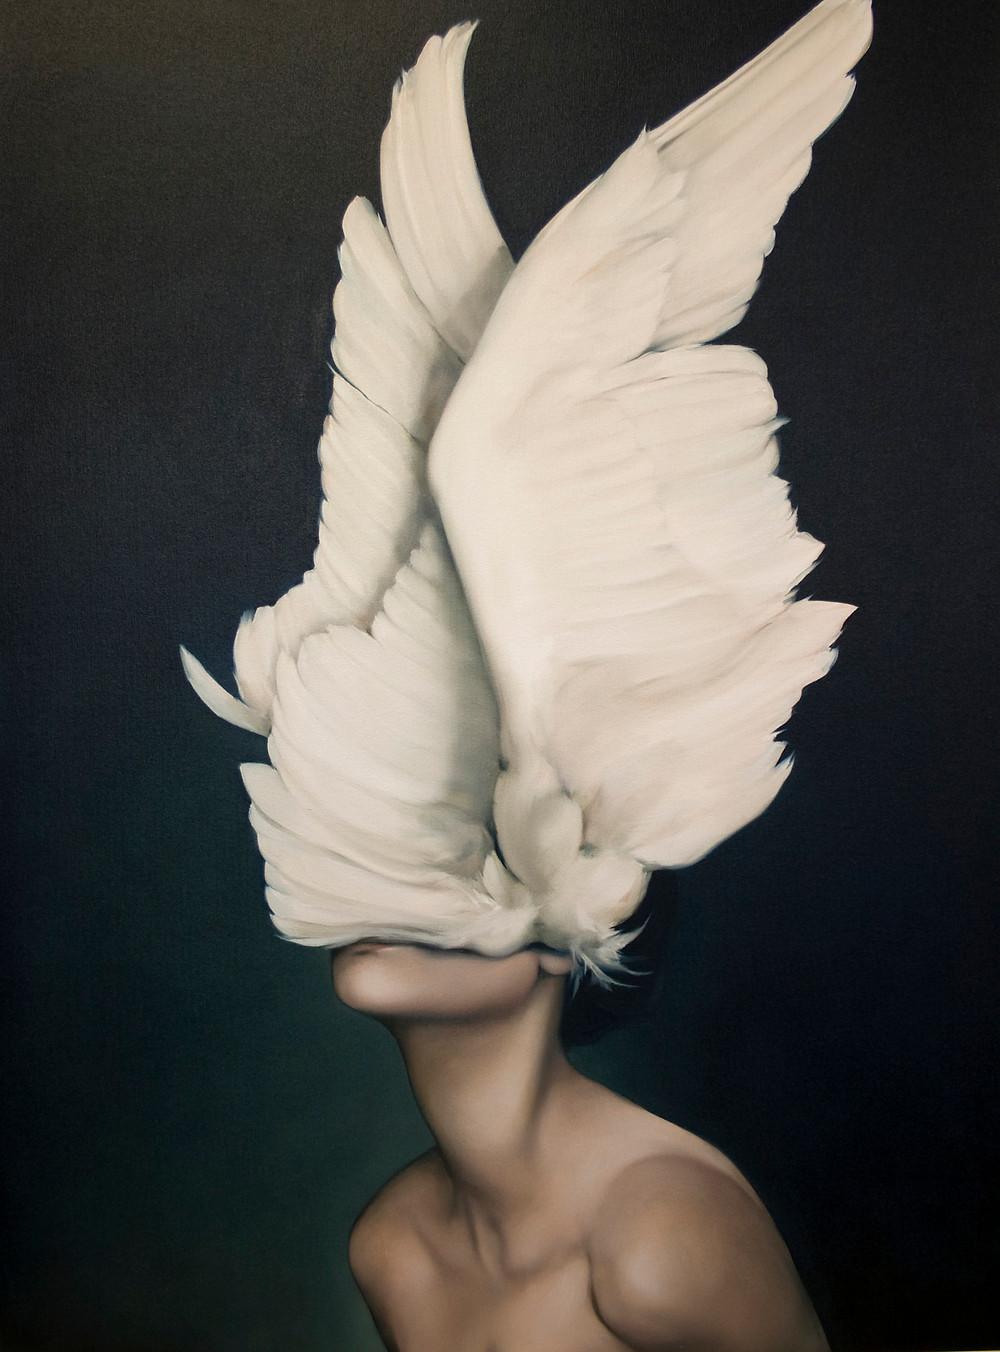 Amy Judd